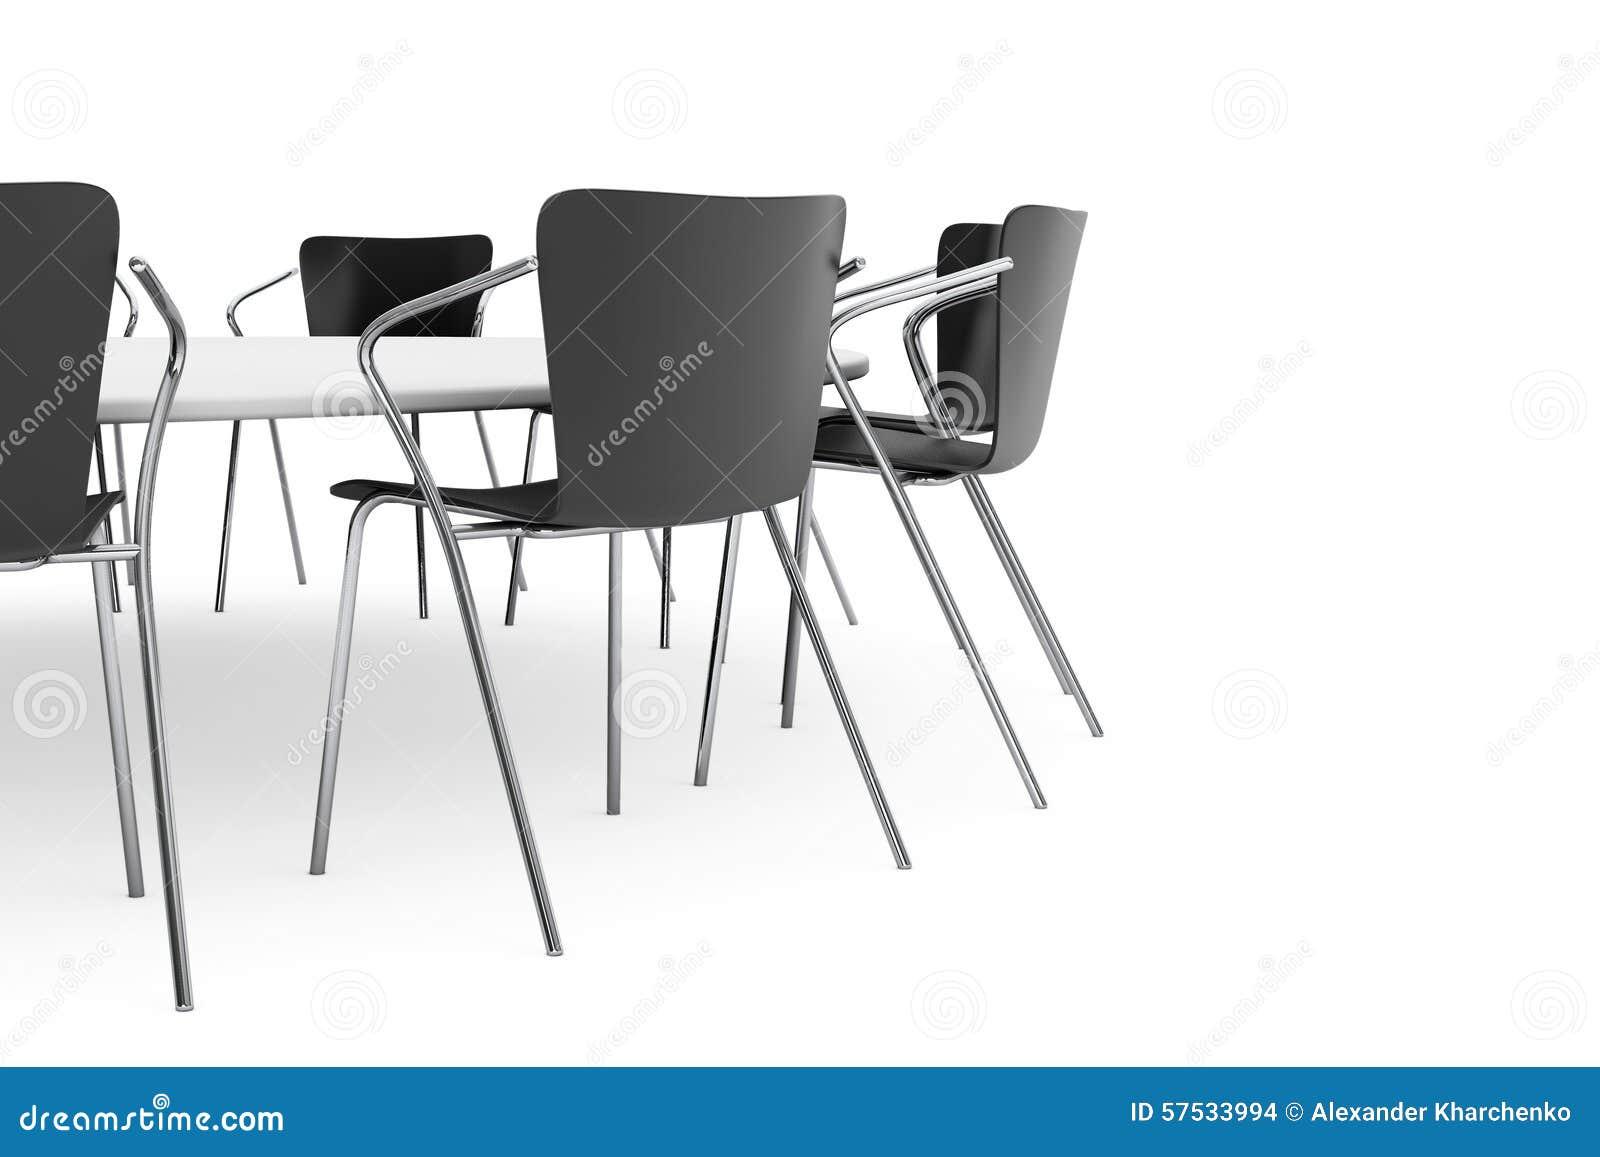 Schwarze Büro-Stühle Und Konferenz-Rundtisch Stock Abbildung ...